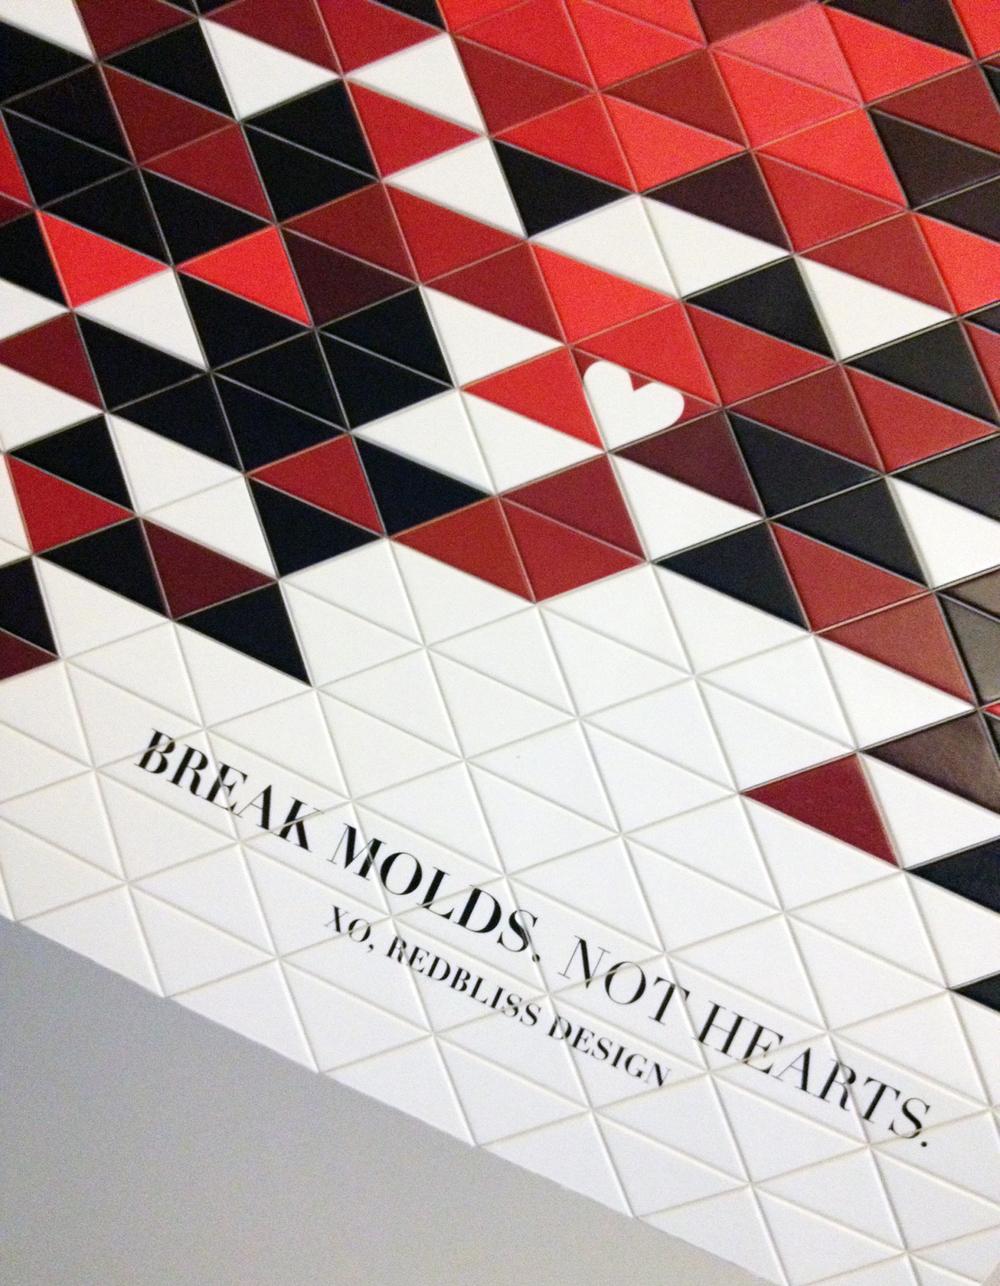 BreakMolds.jpg